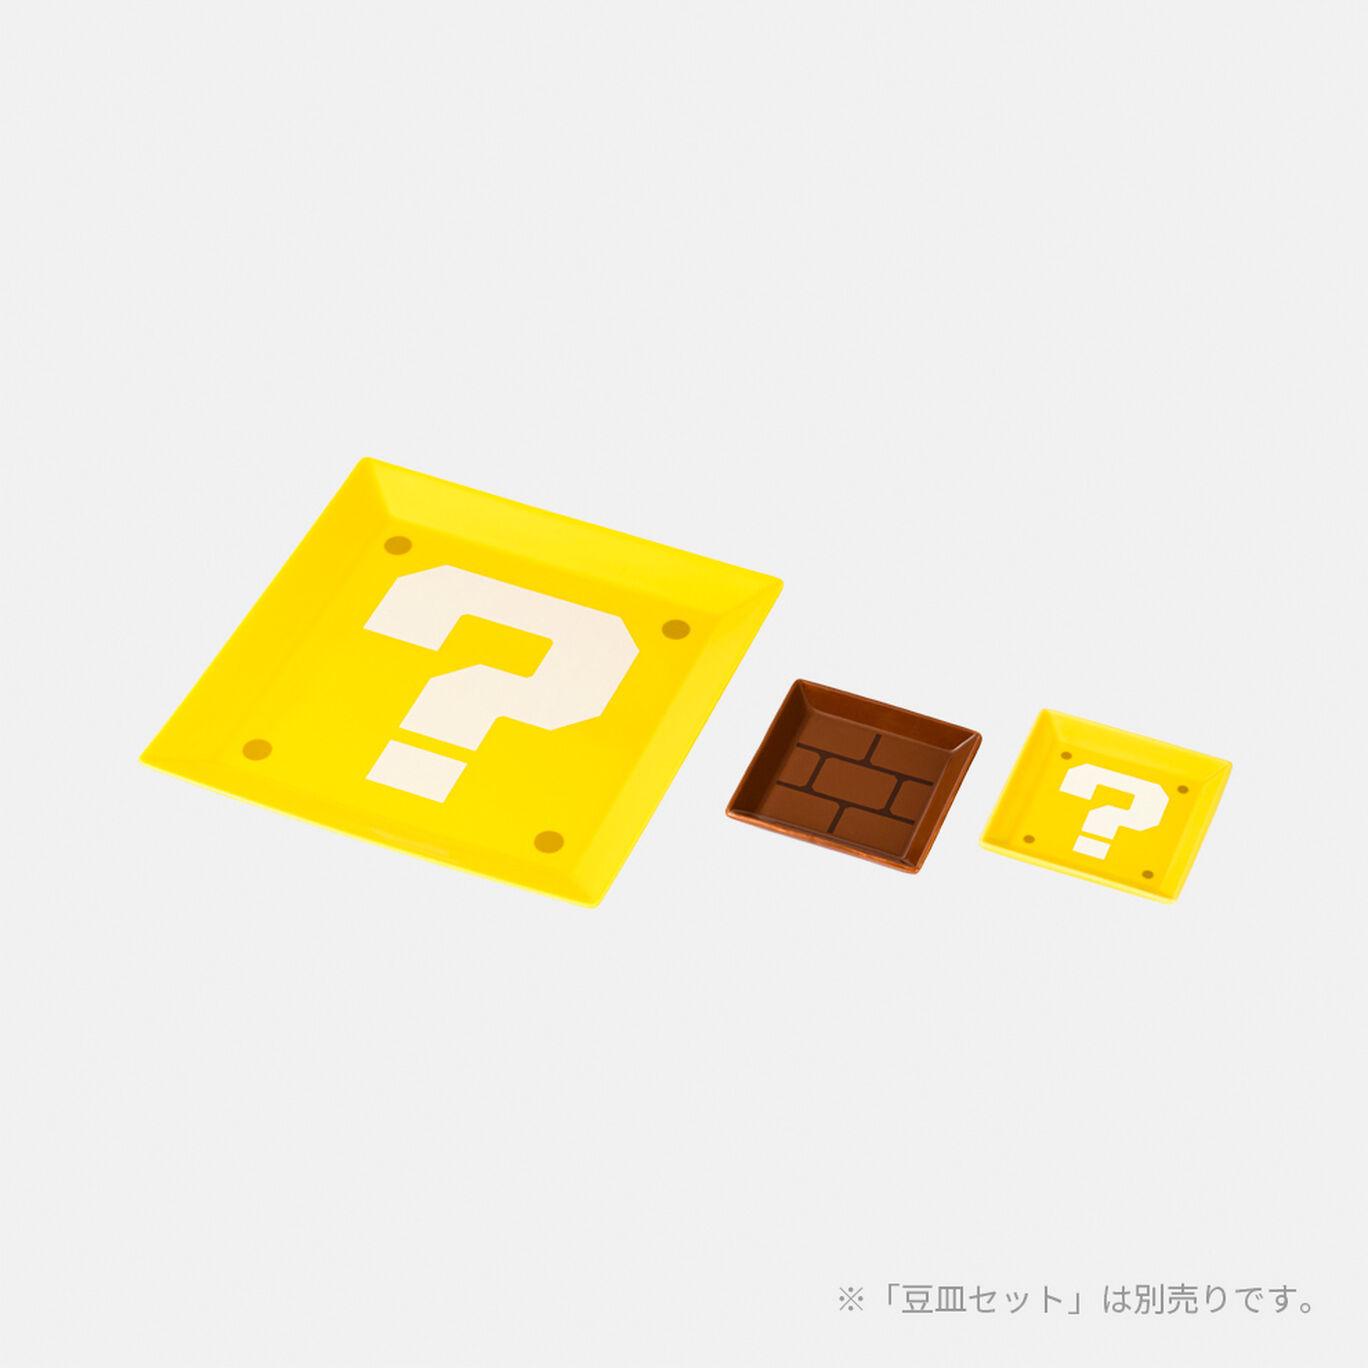 【新商品】大皿 スーパーマリオ ハテナブロック【Nintendo TOKYO取り扱い商品】